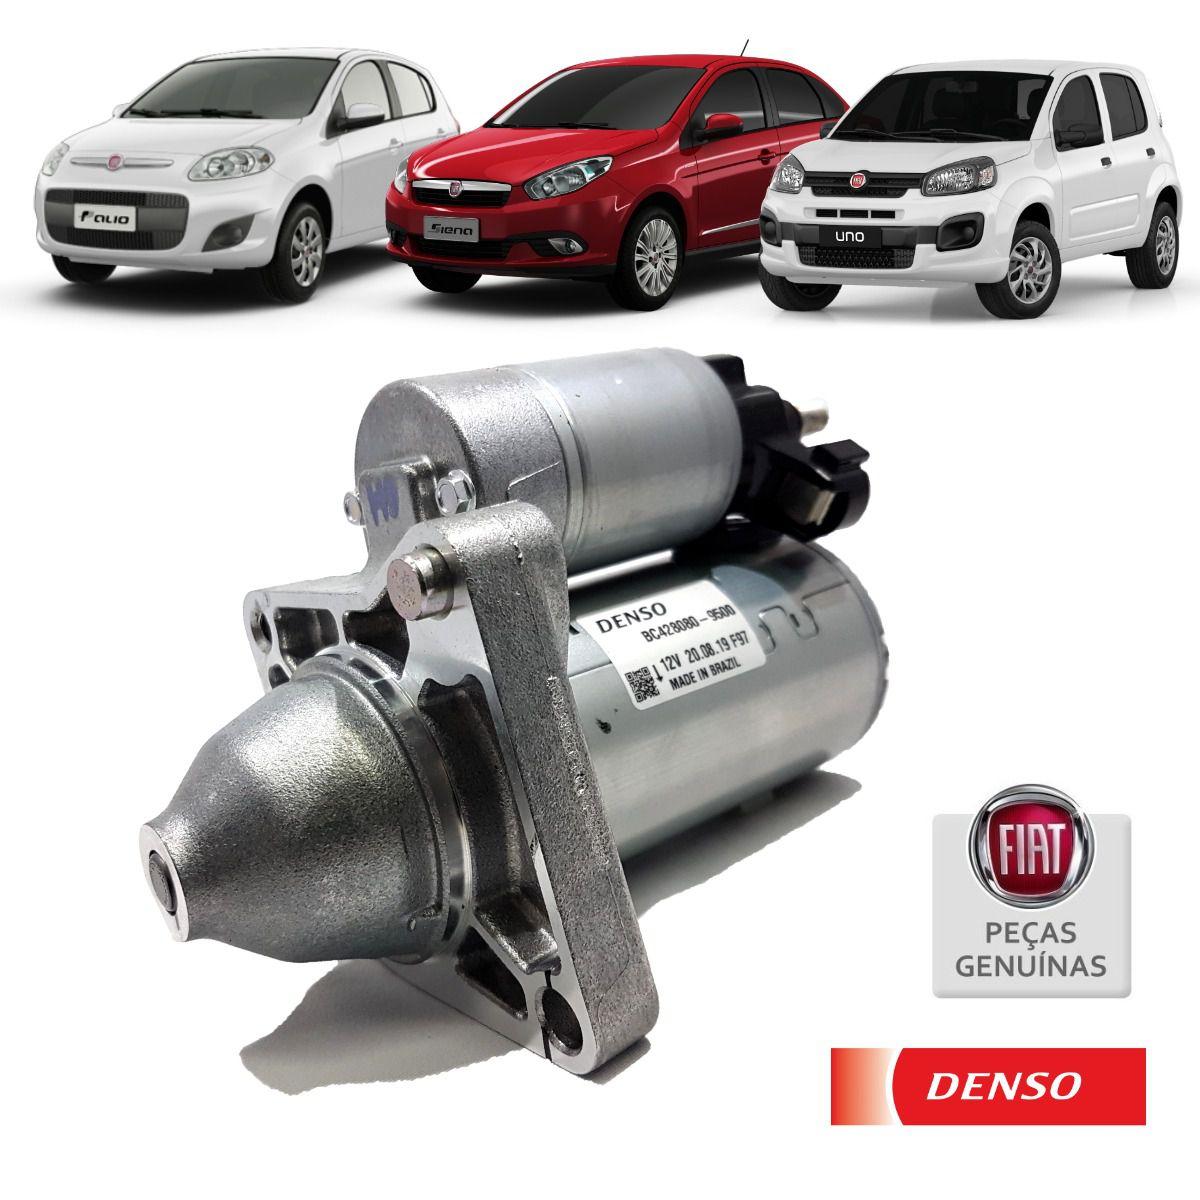 Motor de Partida Fiat Uno Palio Grand Siena 1.4 - Denso